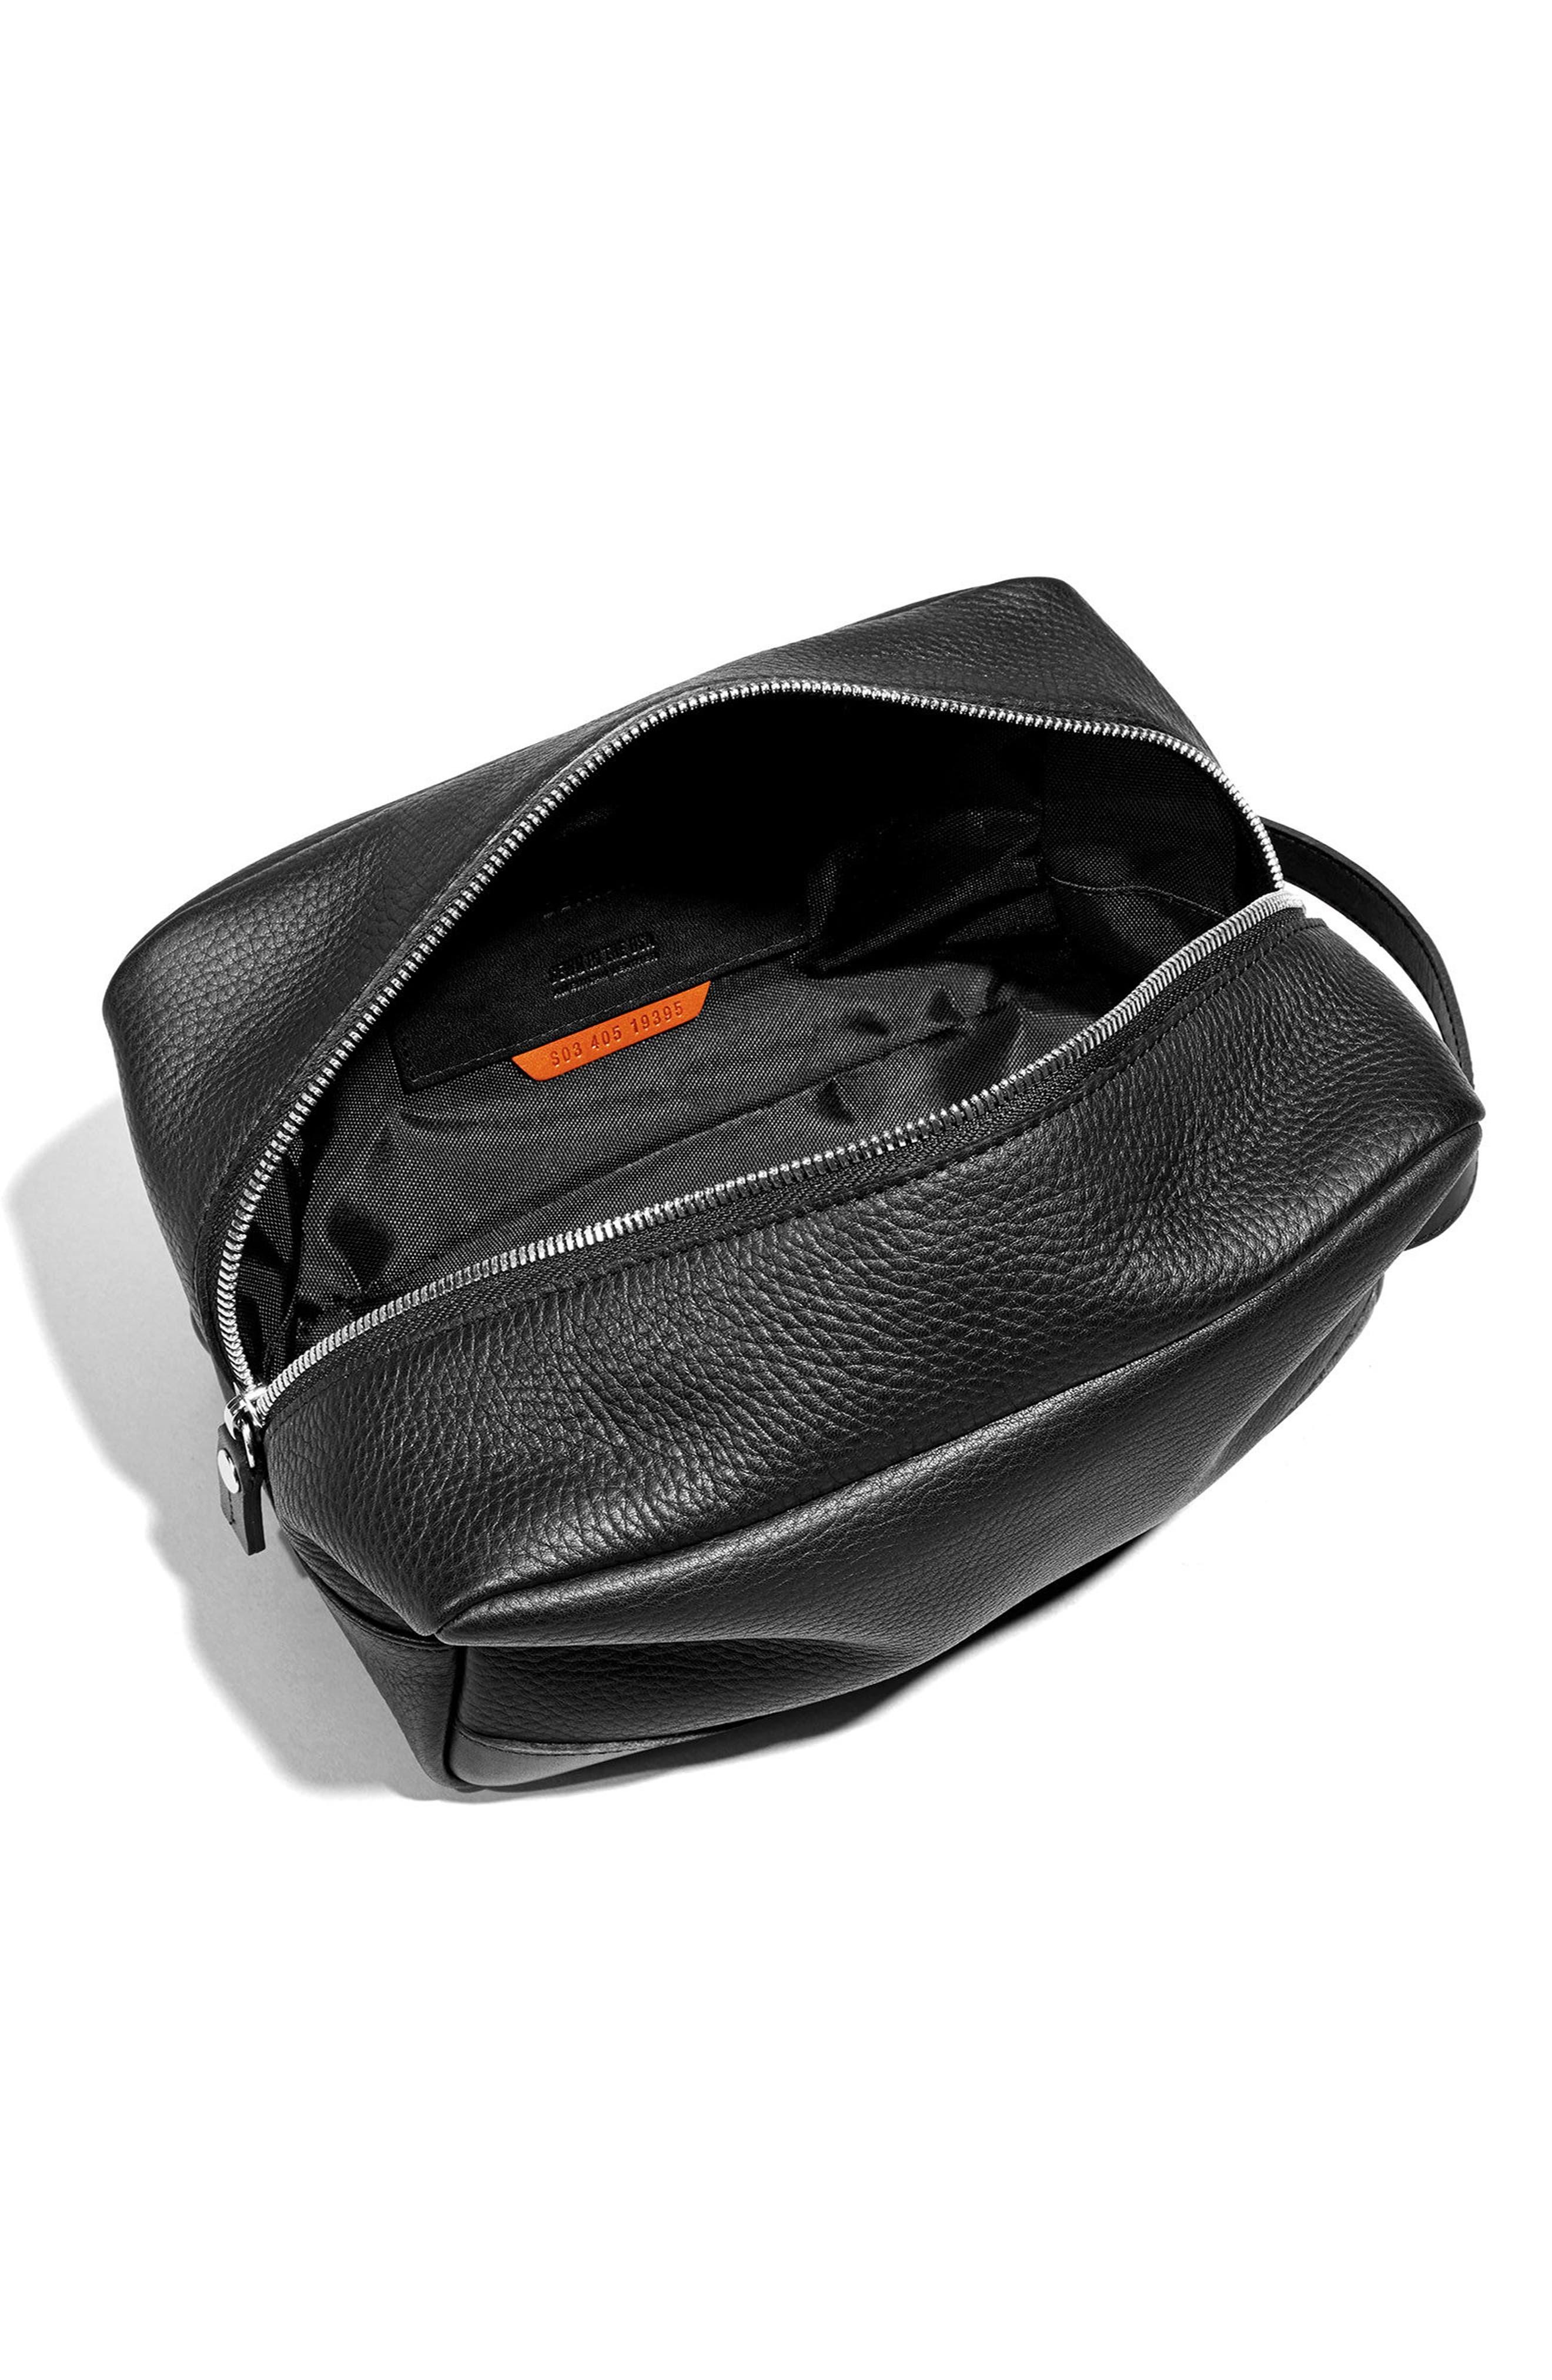 Leather Travel Kit,                             Alternate thumbnail 3, color,                             BLACK